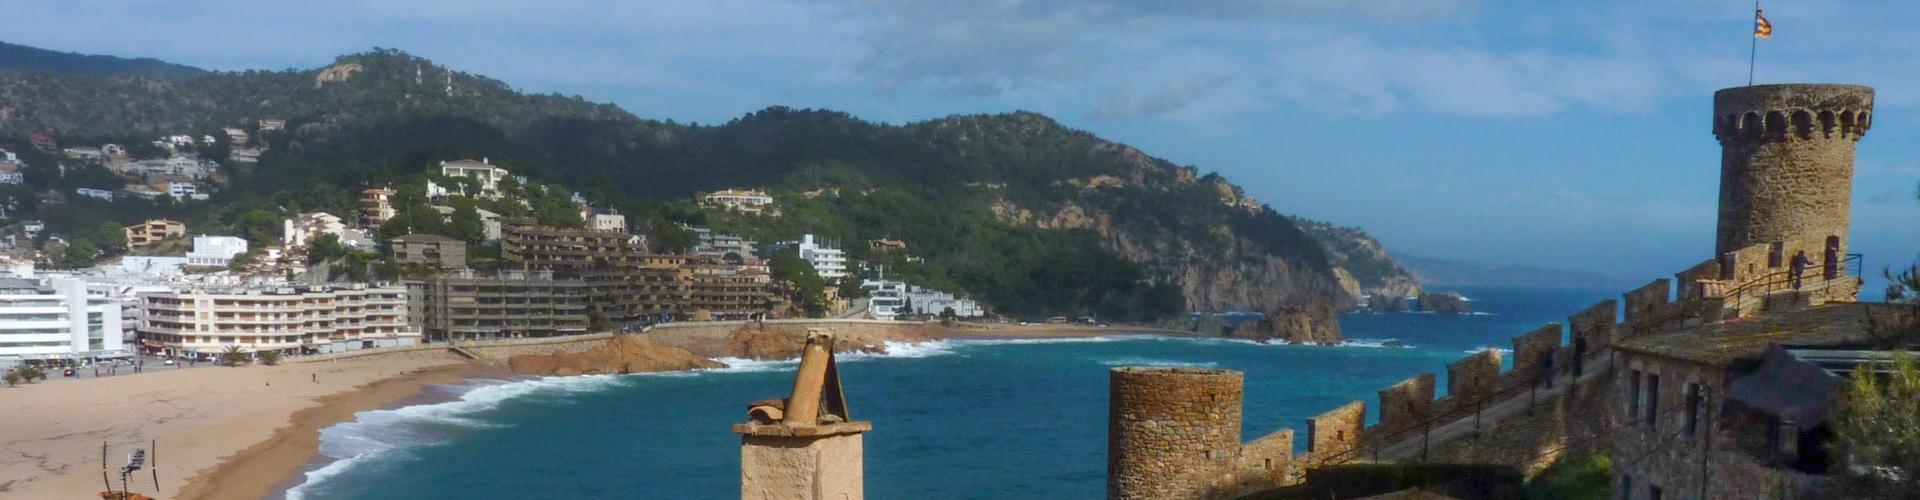 d380d4896e65 Vila Vella i platja de Tossa de Mar